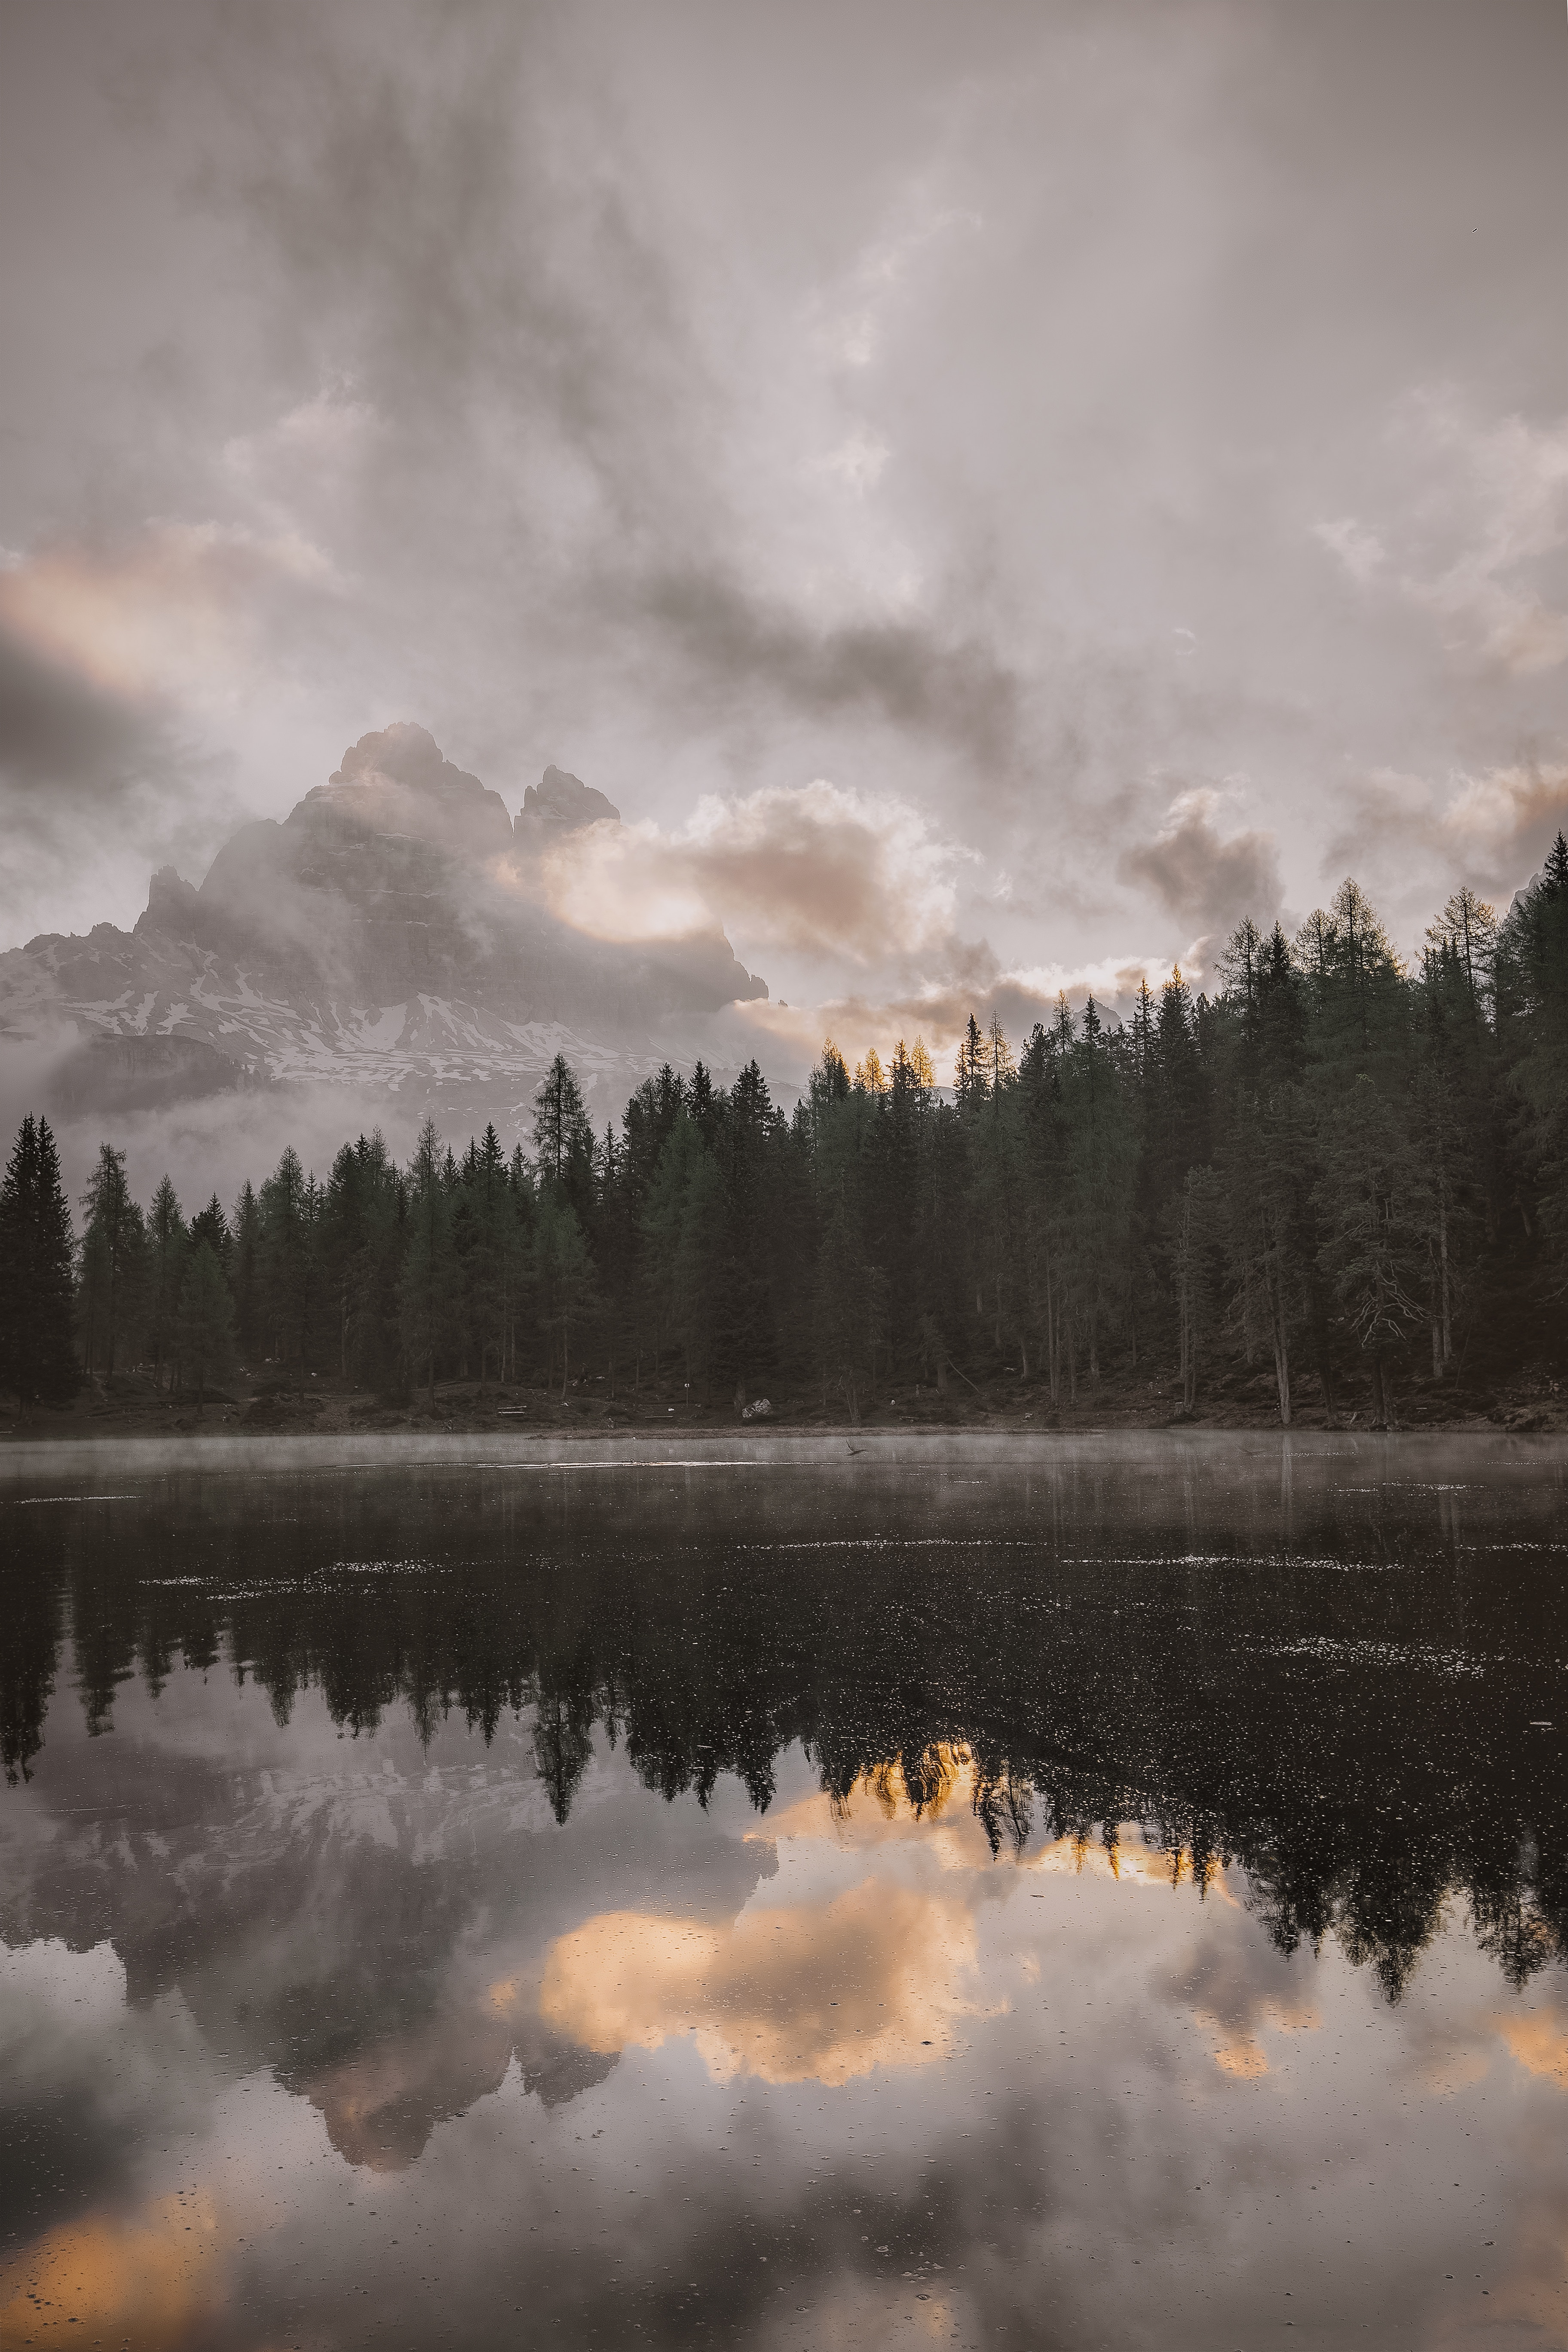 54389 скачать обои Природа, Лес, Озеро, Берег, Облака, Горы, Пейзаж - заставки и картинки бесплатно